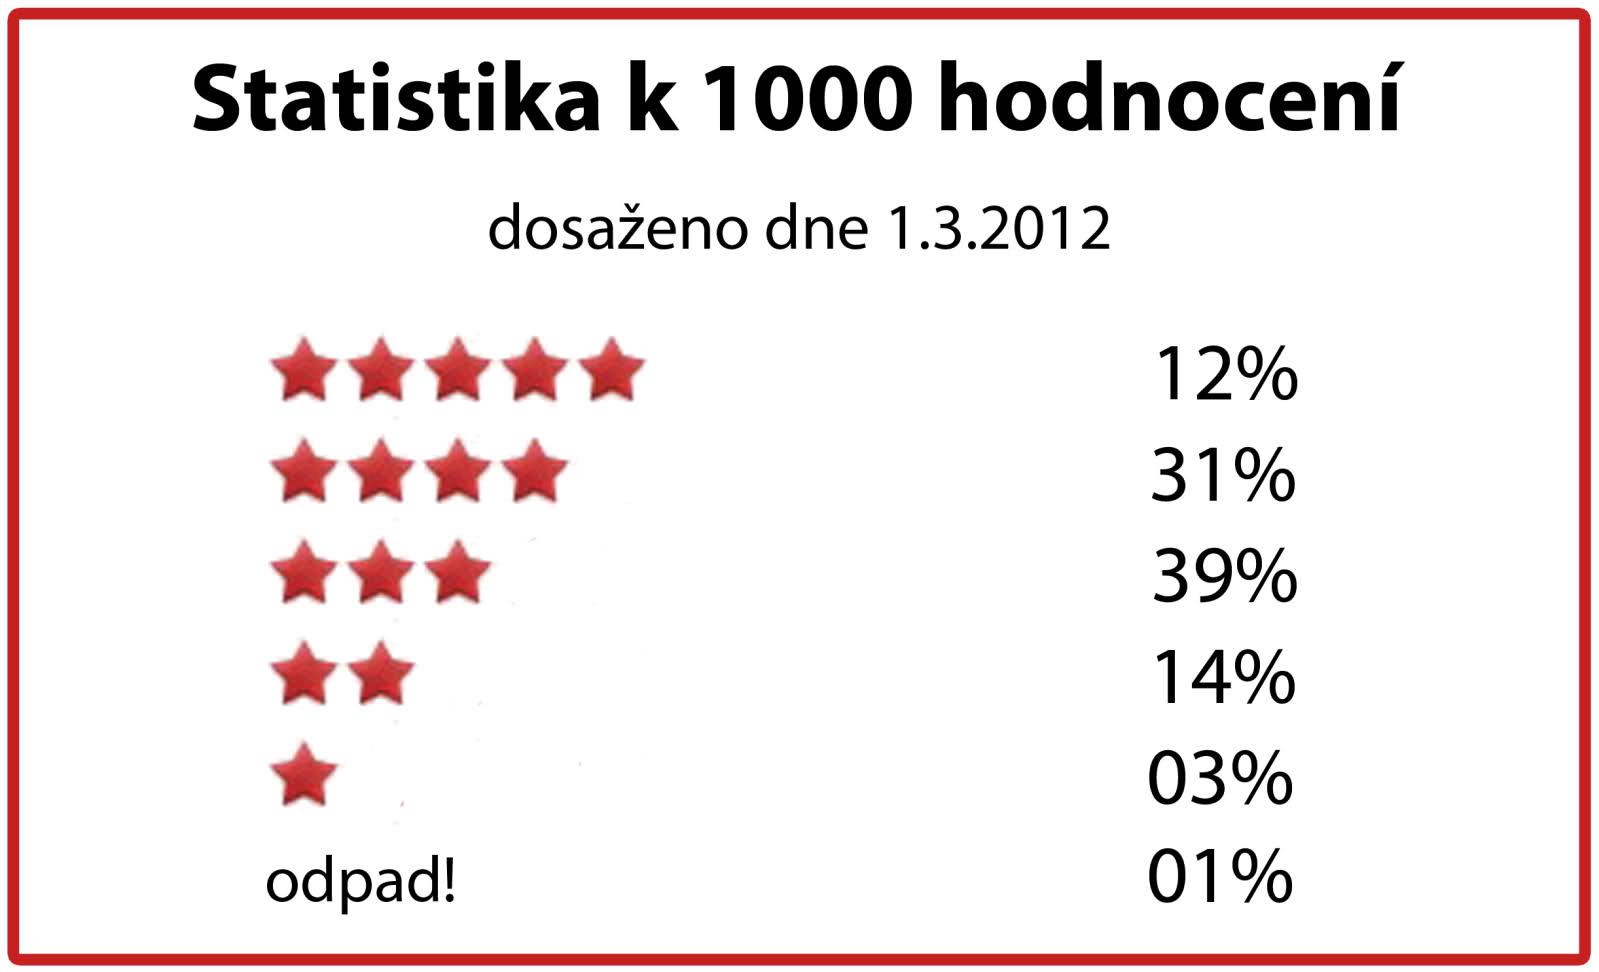 CSFD Statistika